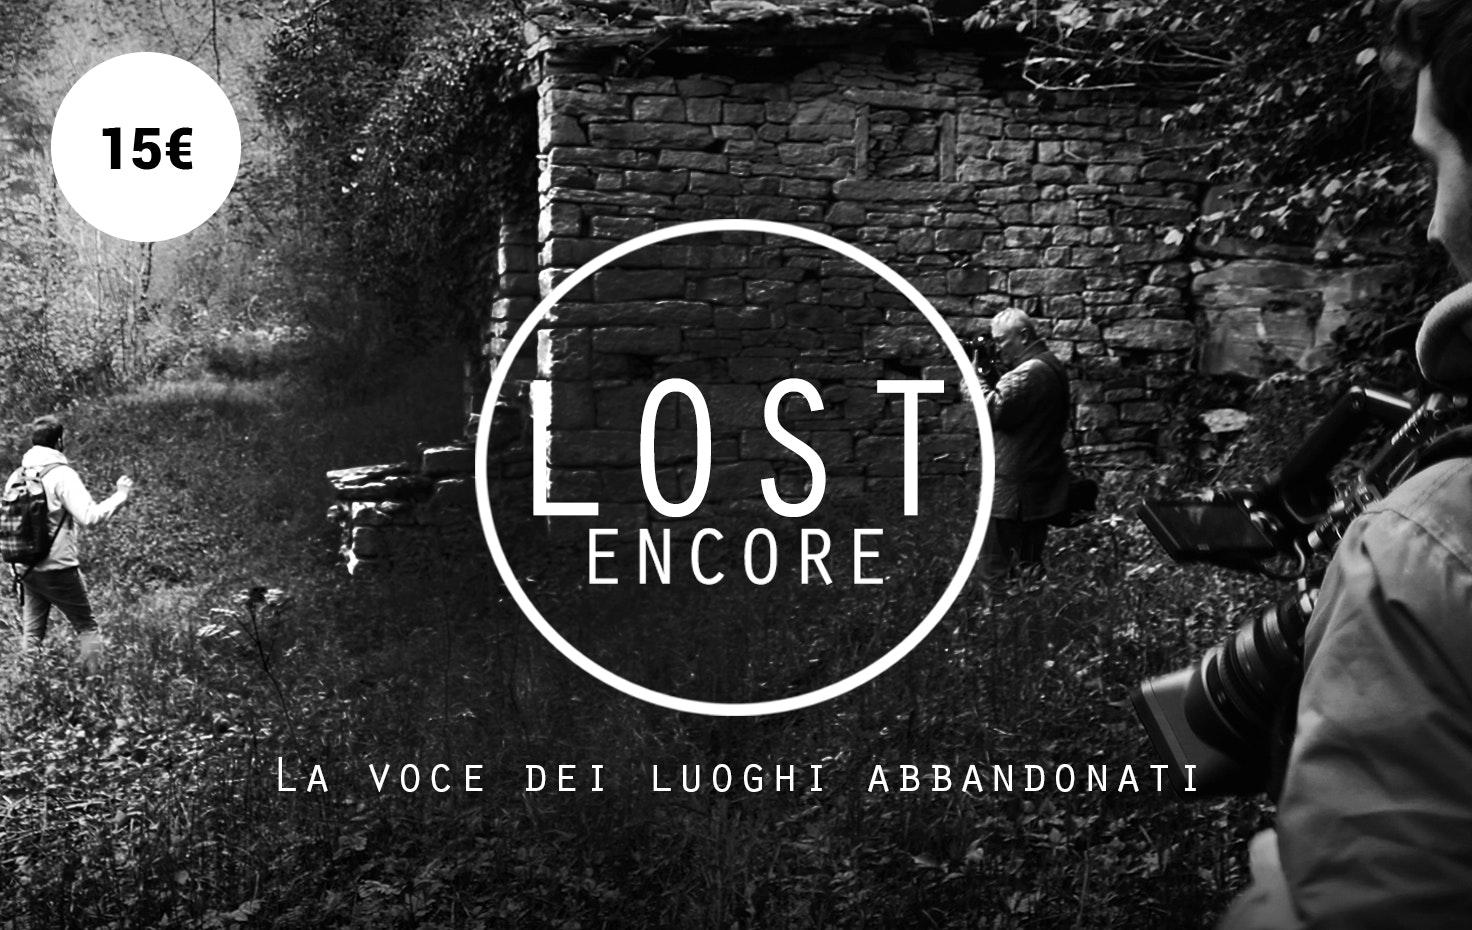 Lost Encore, la voce dei luoghi abbandonati